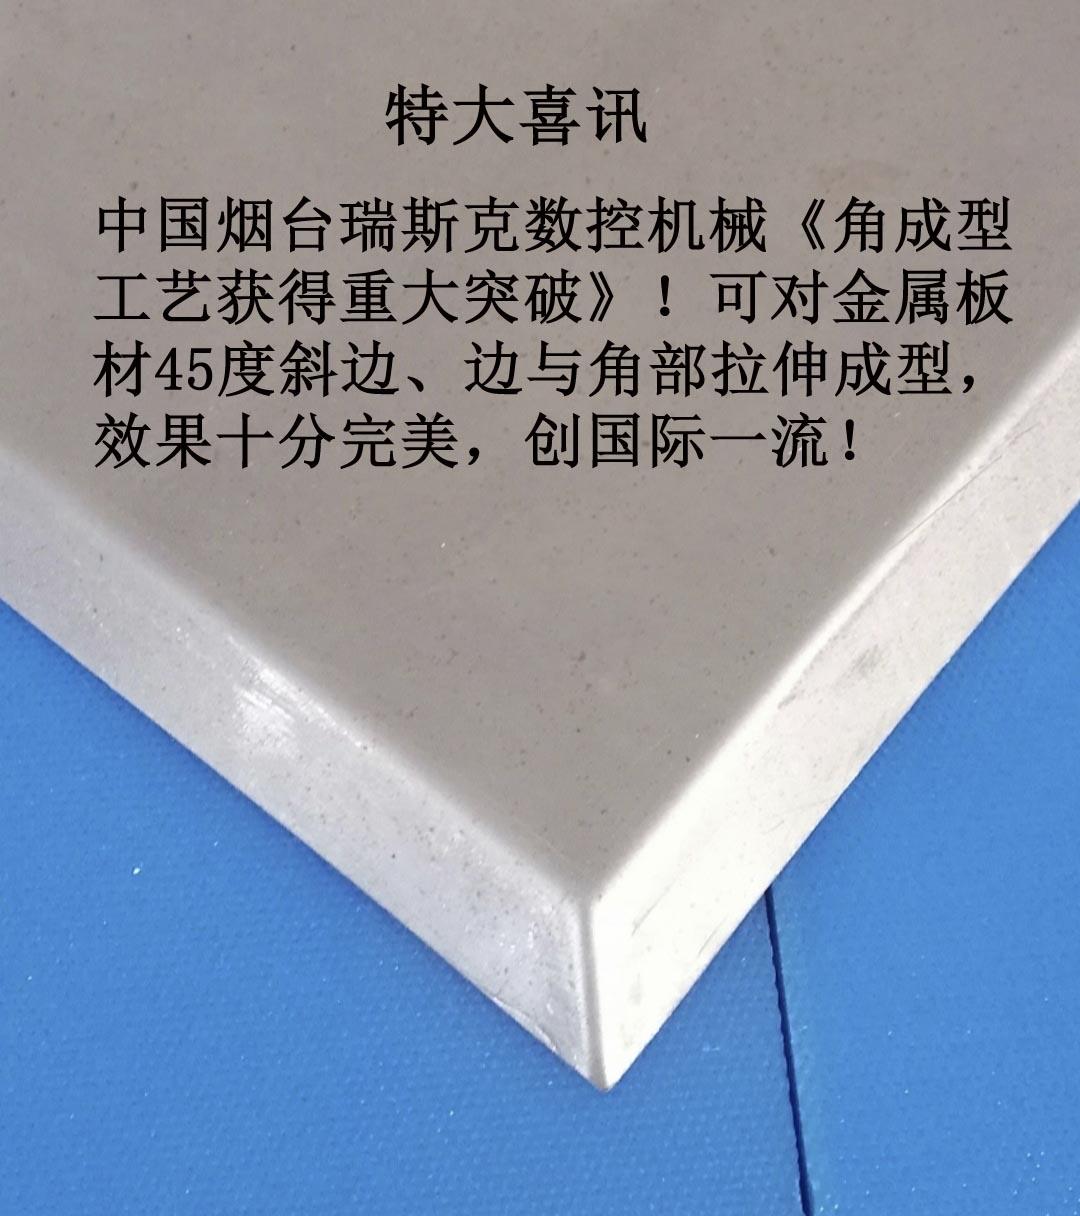 重大突破:数控角成型机可对金属板材进行45度斜边、边与角部的拉伸成型